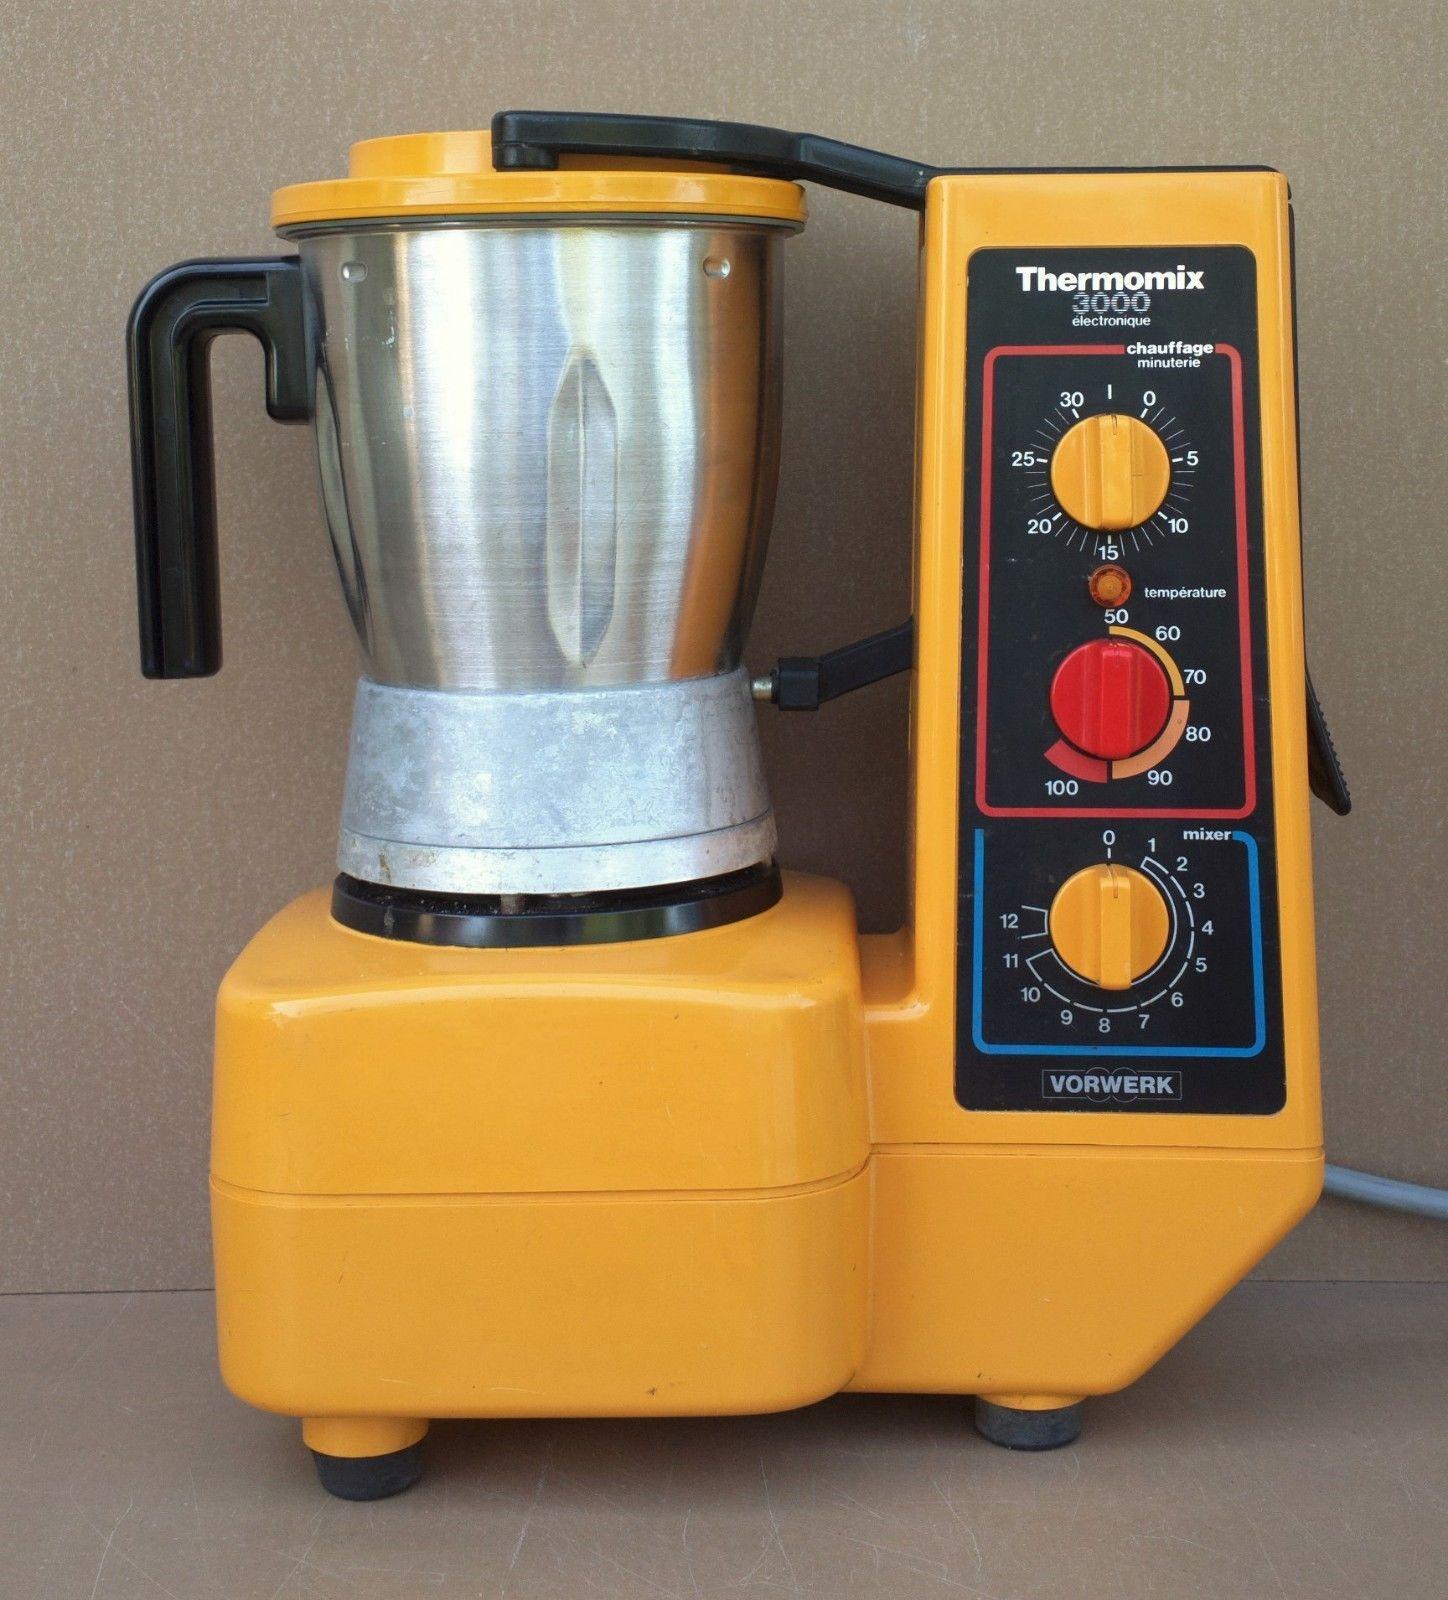 Vorwerk Thermomix 3000 Orange Vintage Chauffe Mixe Robot